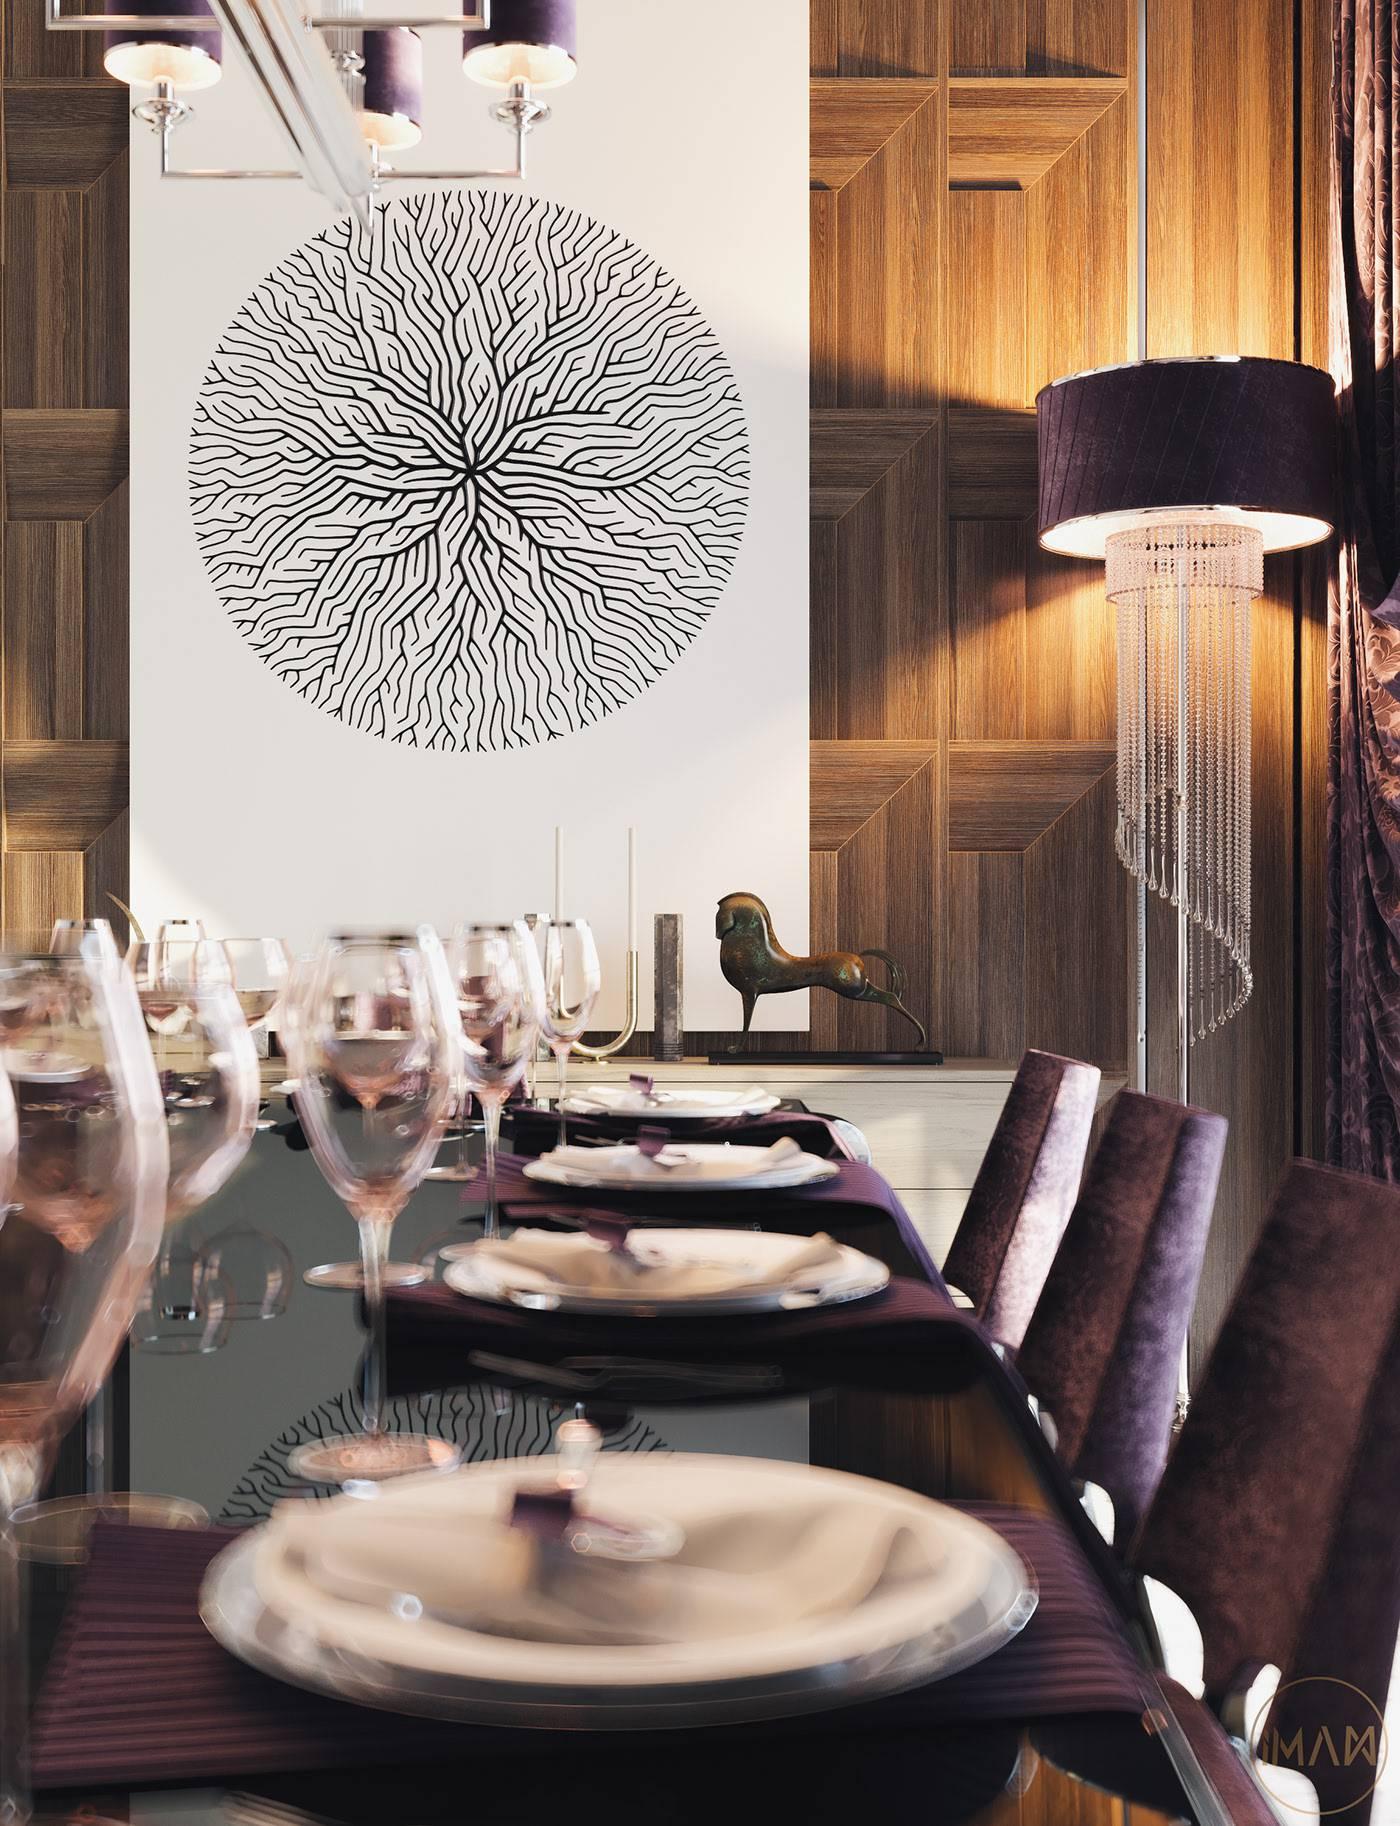 تصميم غرفة جلوس مع طاولة طعام